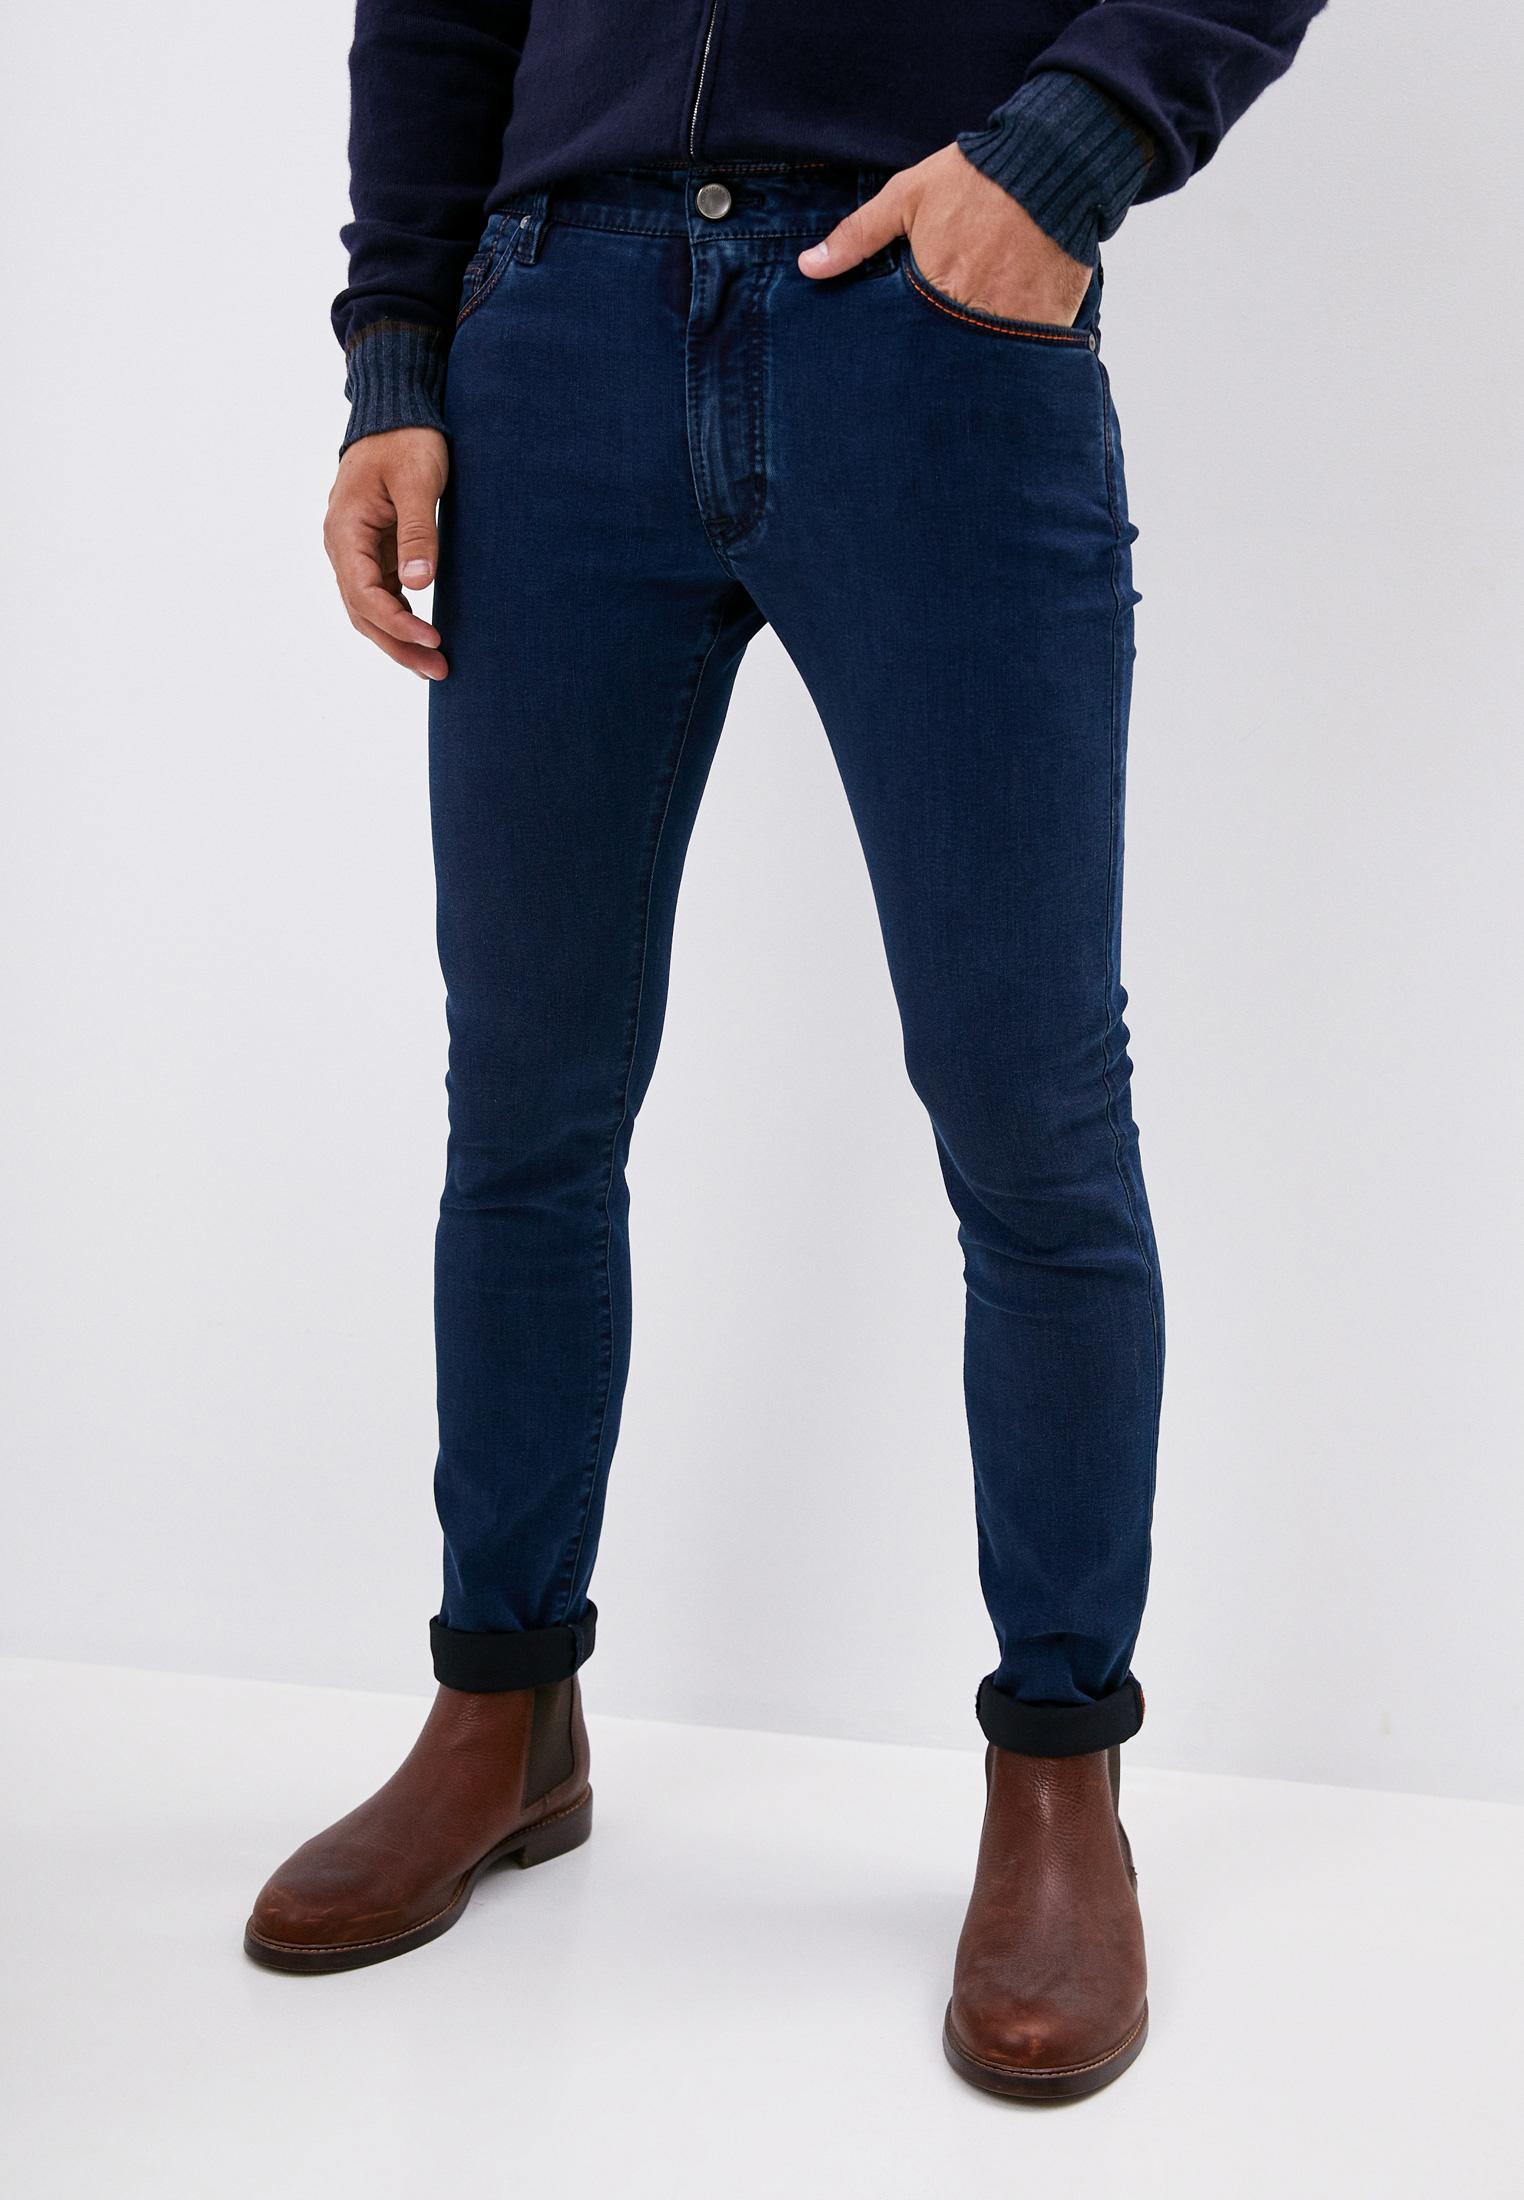 Зауженные джинсы Cortigiani 913530